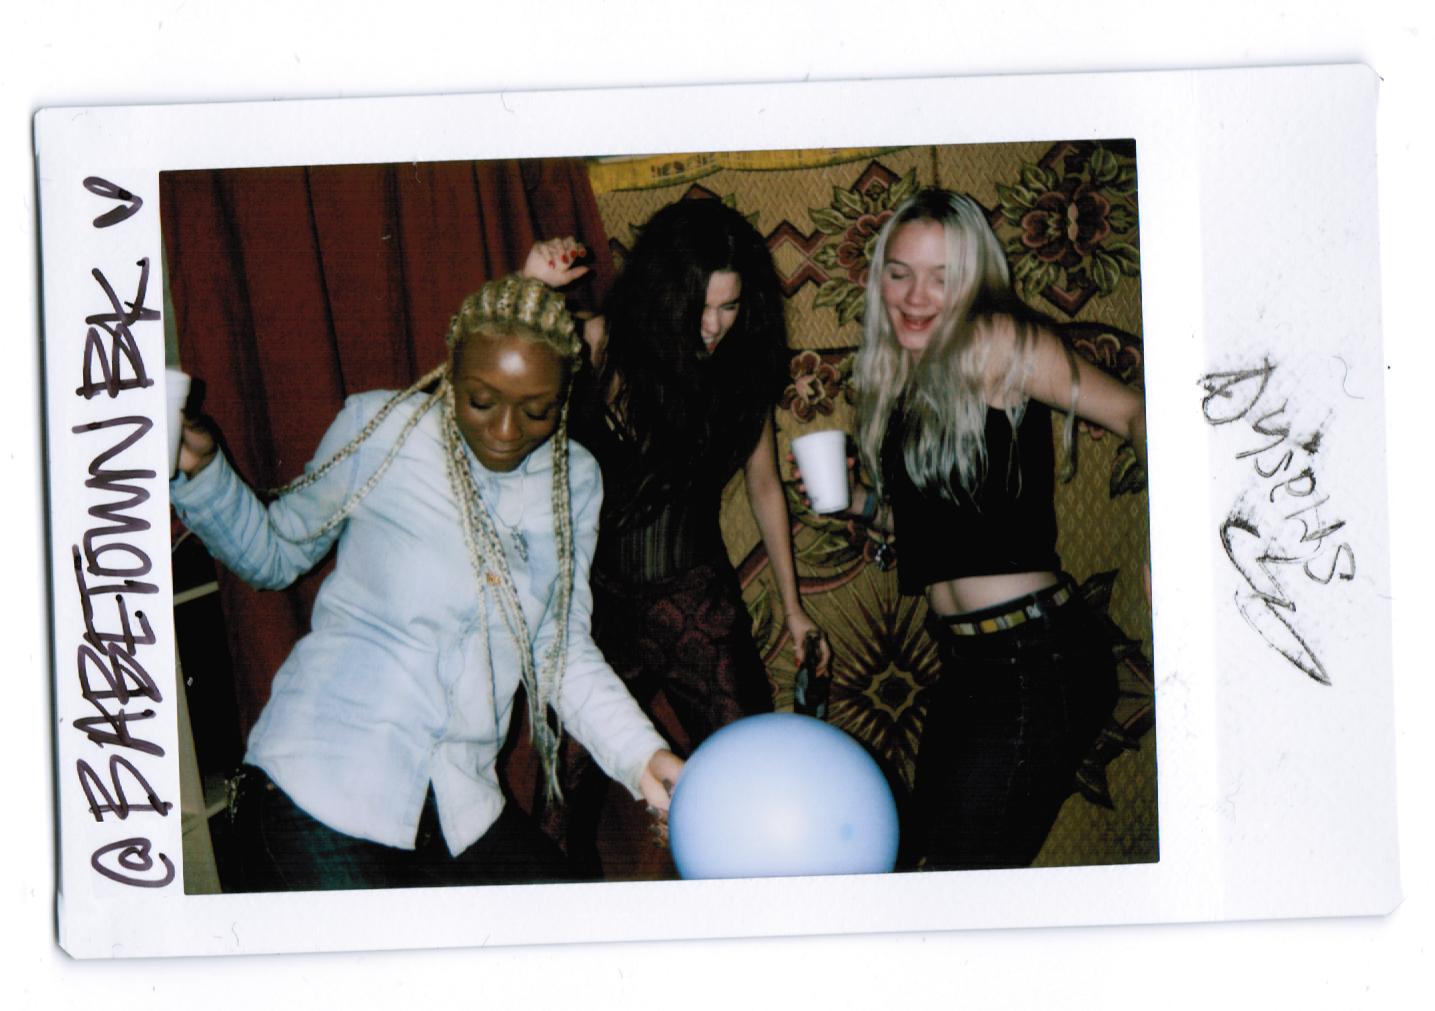 38 BUHBYEBTBK_JunglePussy + Freya Myles + Ashley Harte.jpg